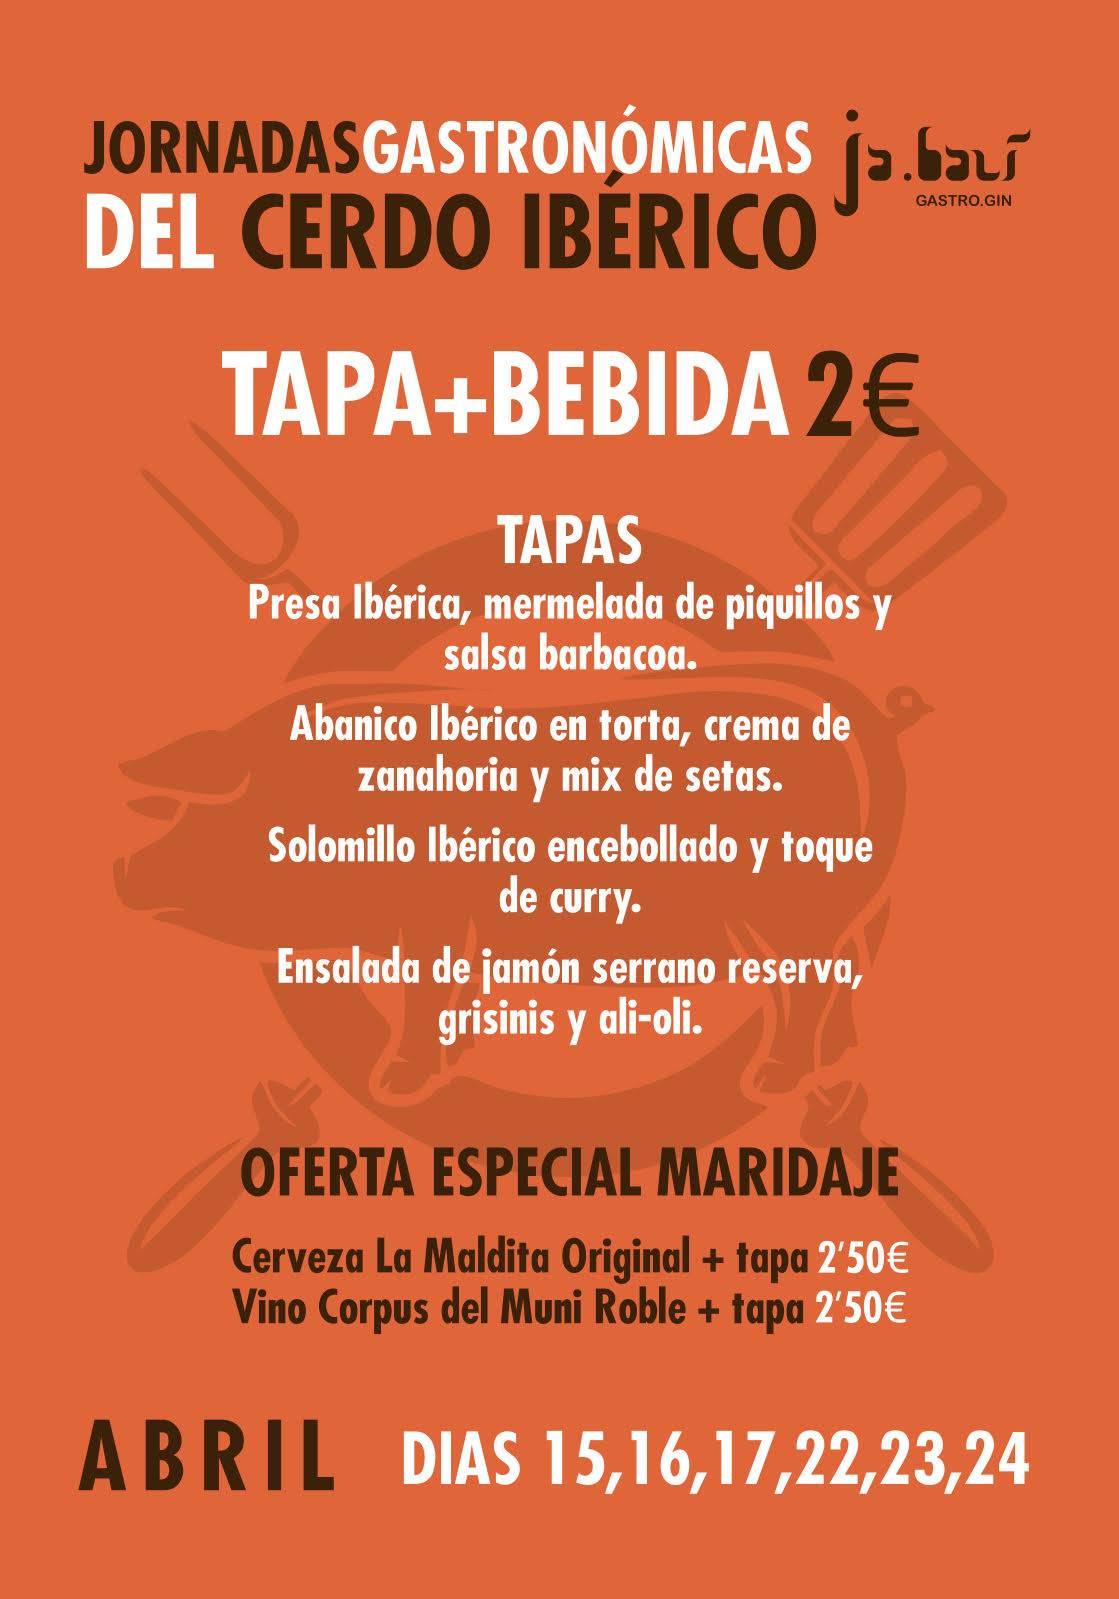 carta de las jornadas gastronomicas del cerdo iberico - Jornadas gastronómicas sobre el cerdo ibérico en Ja.bali Gastro